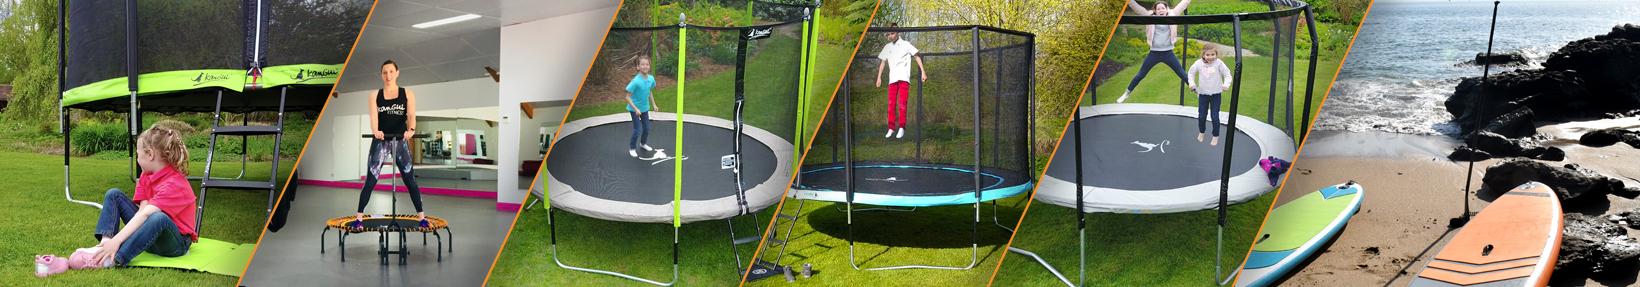 bannière de présentation de toute la gamme de produits kangui. Accessoires, pièces détachées, trampoline de jardin, trampoline fitness, stand up paddle gonflable